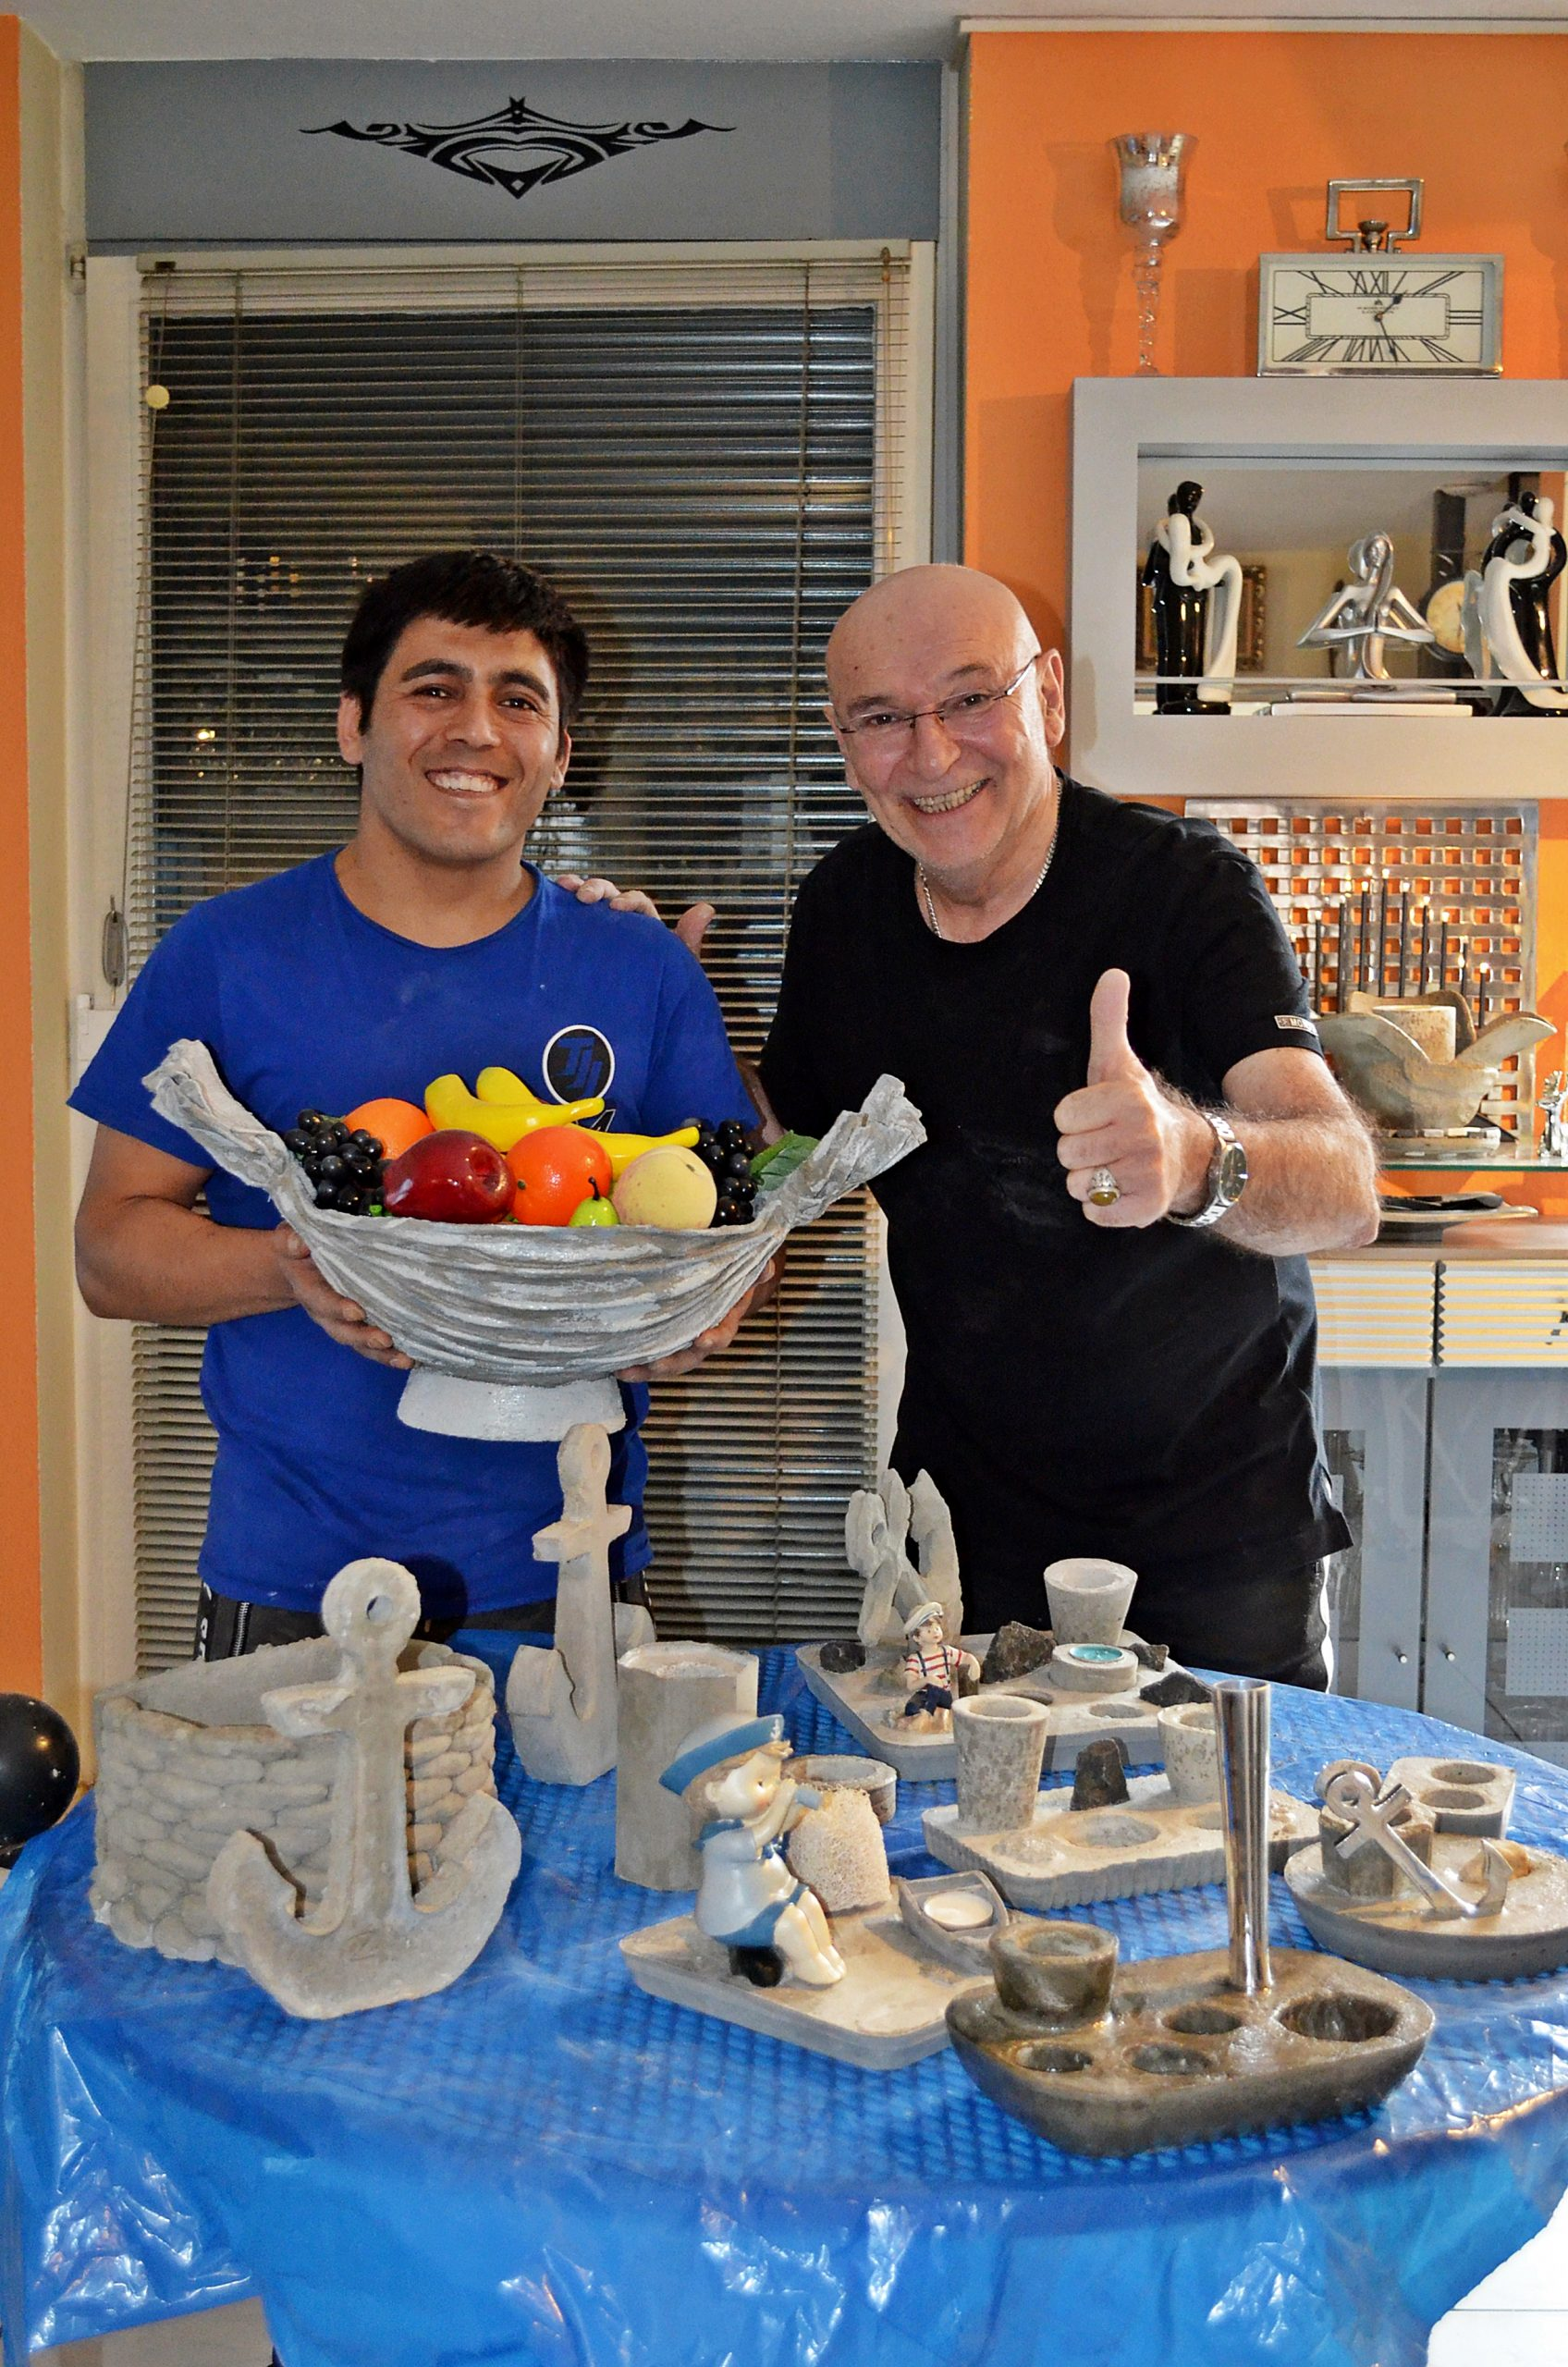 Foto: gd -Mit Zabi hat Peter Sebastian einen fleißigen Helfer gefunden der ihm nicht nur bei der Herstellung der Zementunikate hilft sondern auch bei der Starpyramide im Hintergrund mit Hand anlegt